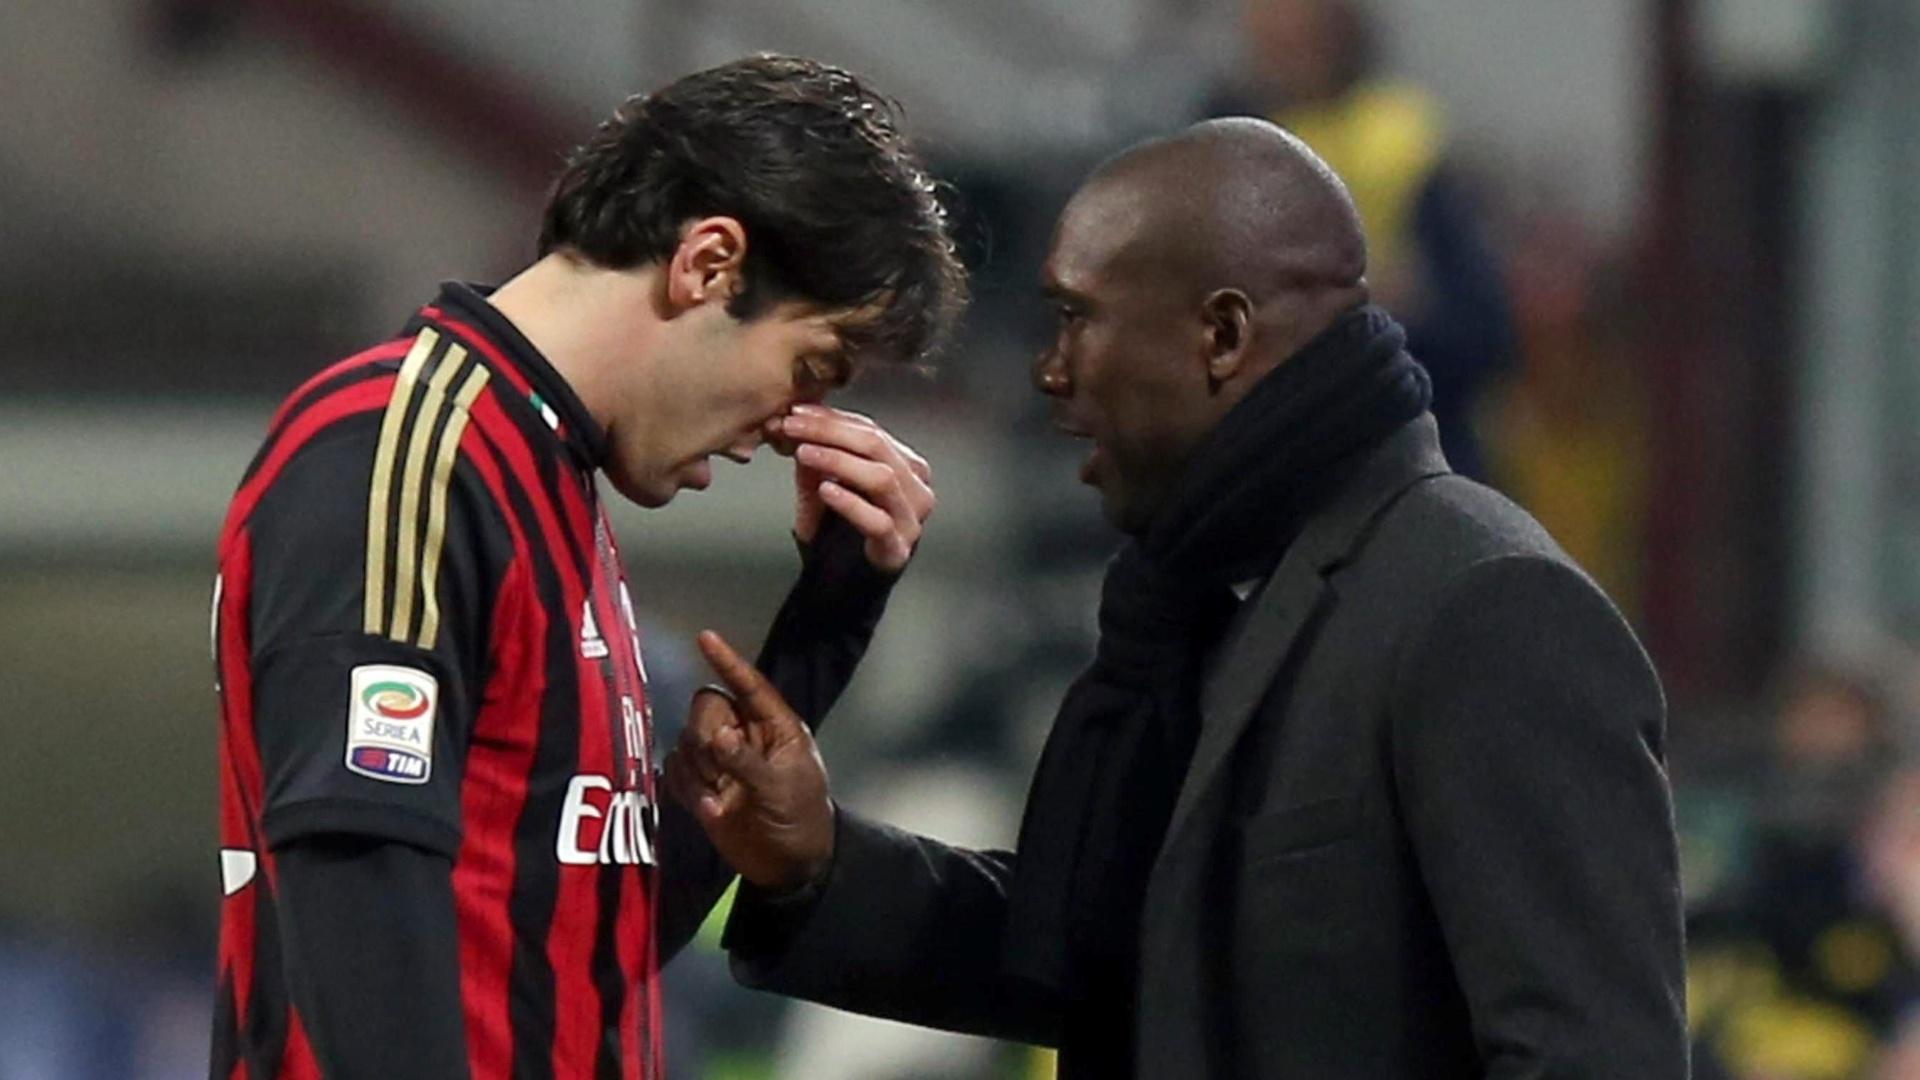 02.mar.2014 - Kaká recebe instruções do técnico Clarence Seedorf, no duelo entre Milan e Juventus, disputado no estádio San Siro, em Milão